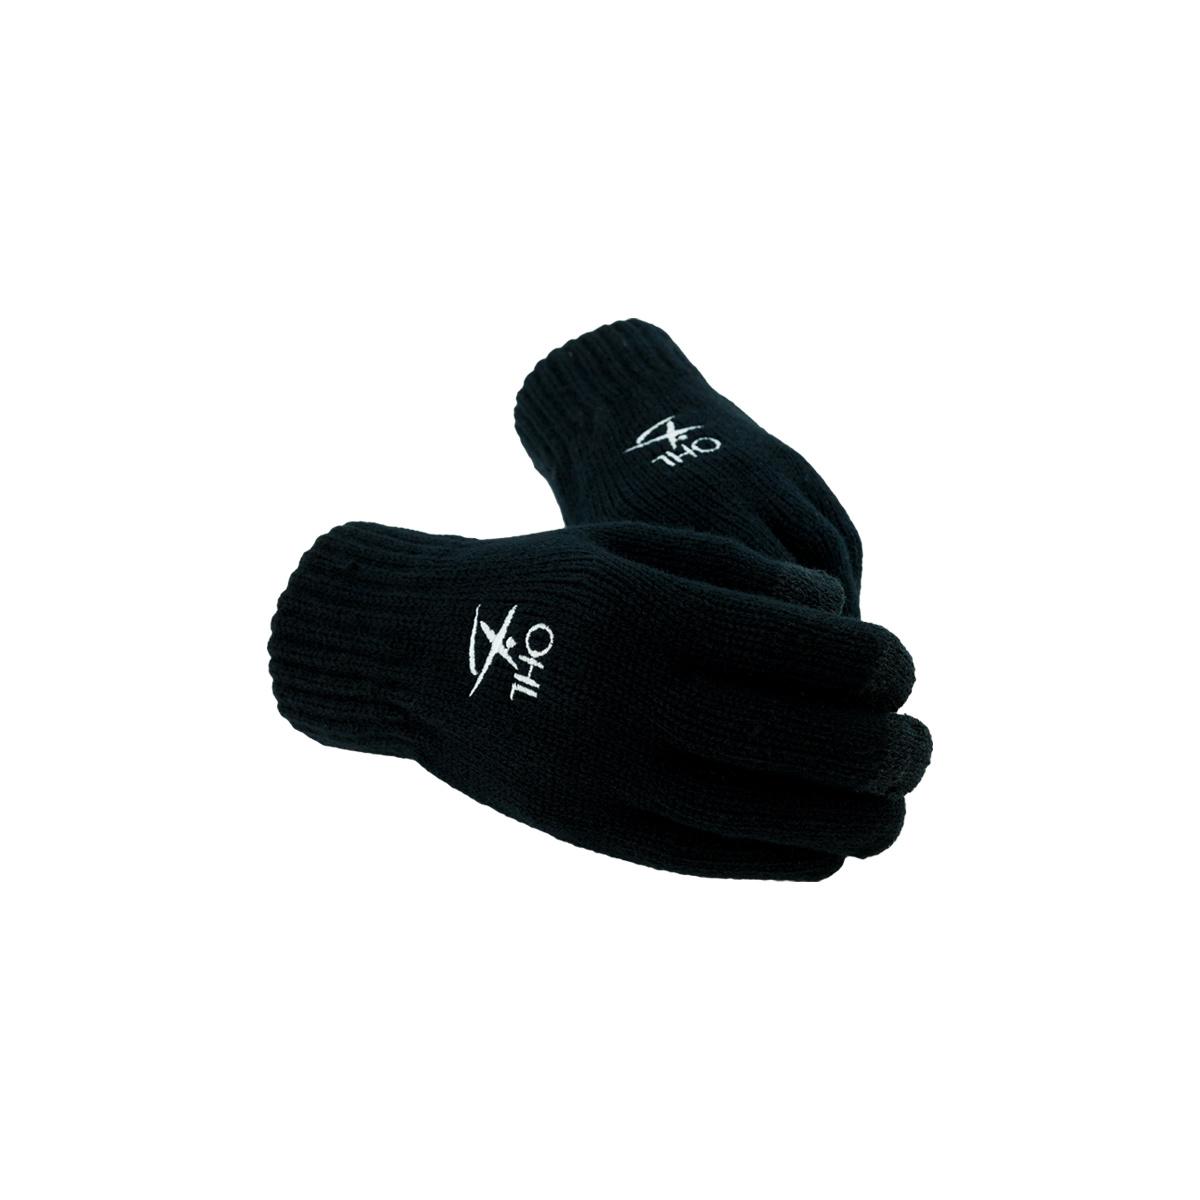 Topfanz Handschoenen S